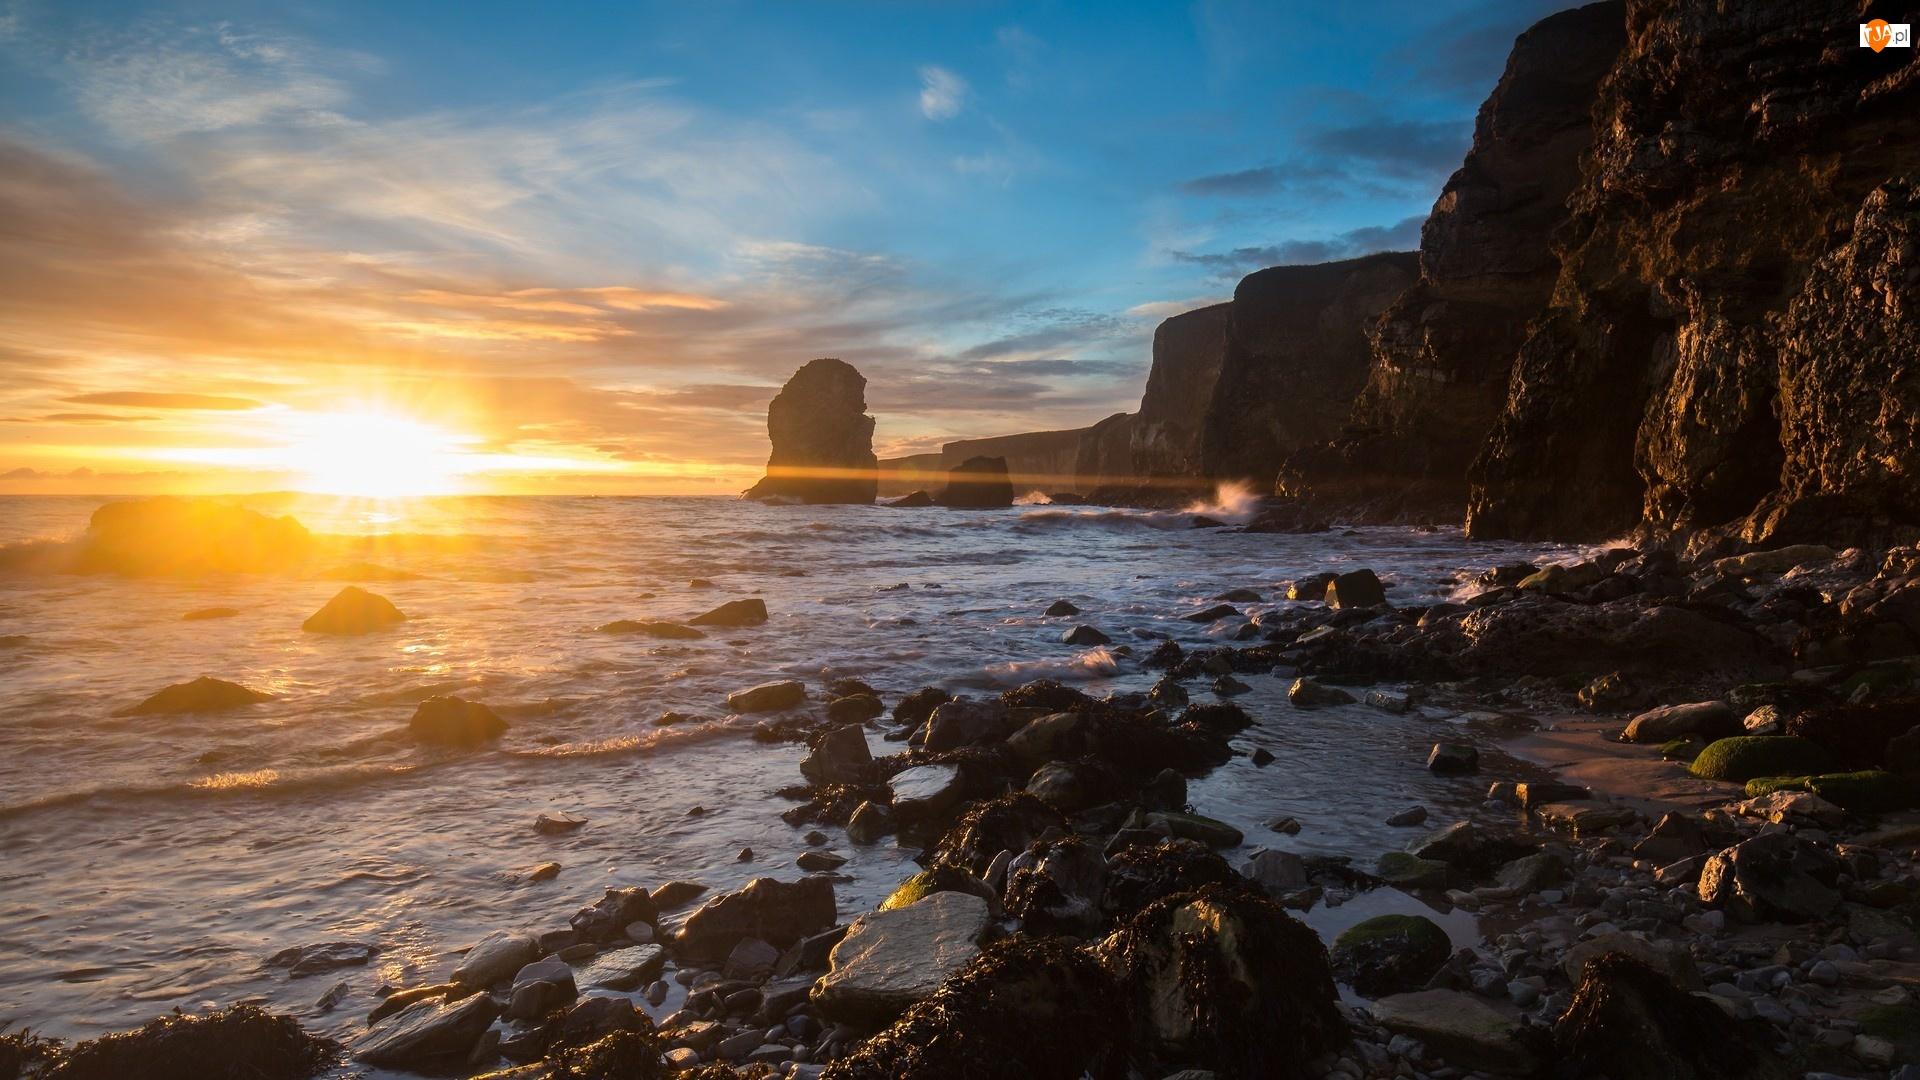 Klif, Zachód słońca, Skały, Morze, Kamienie